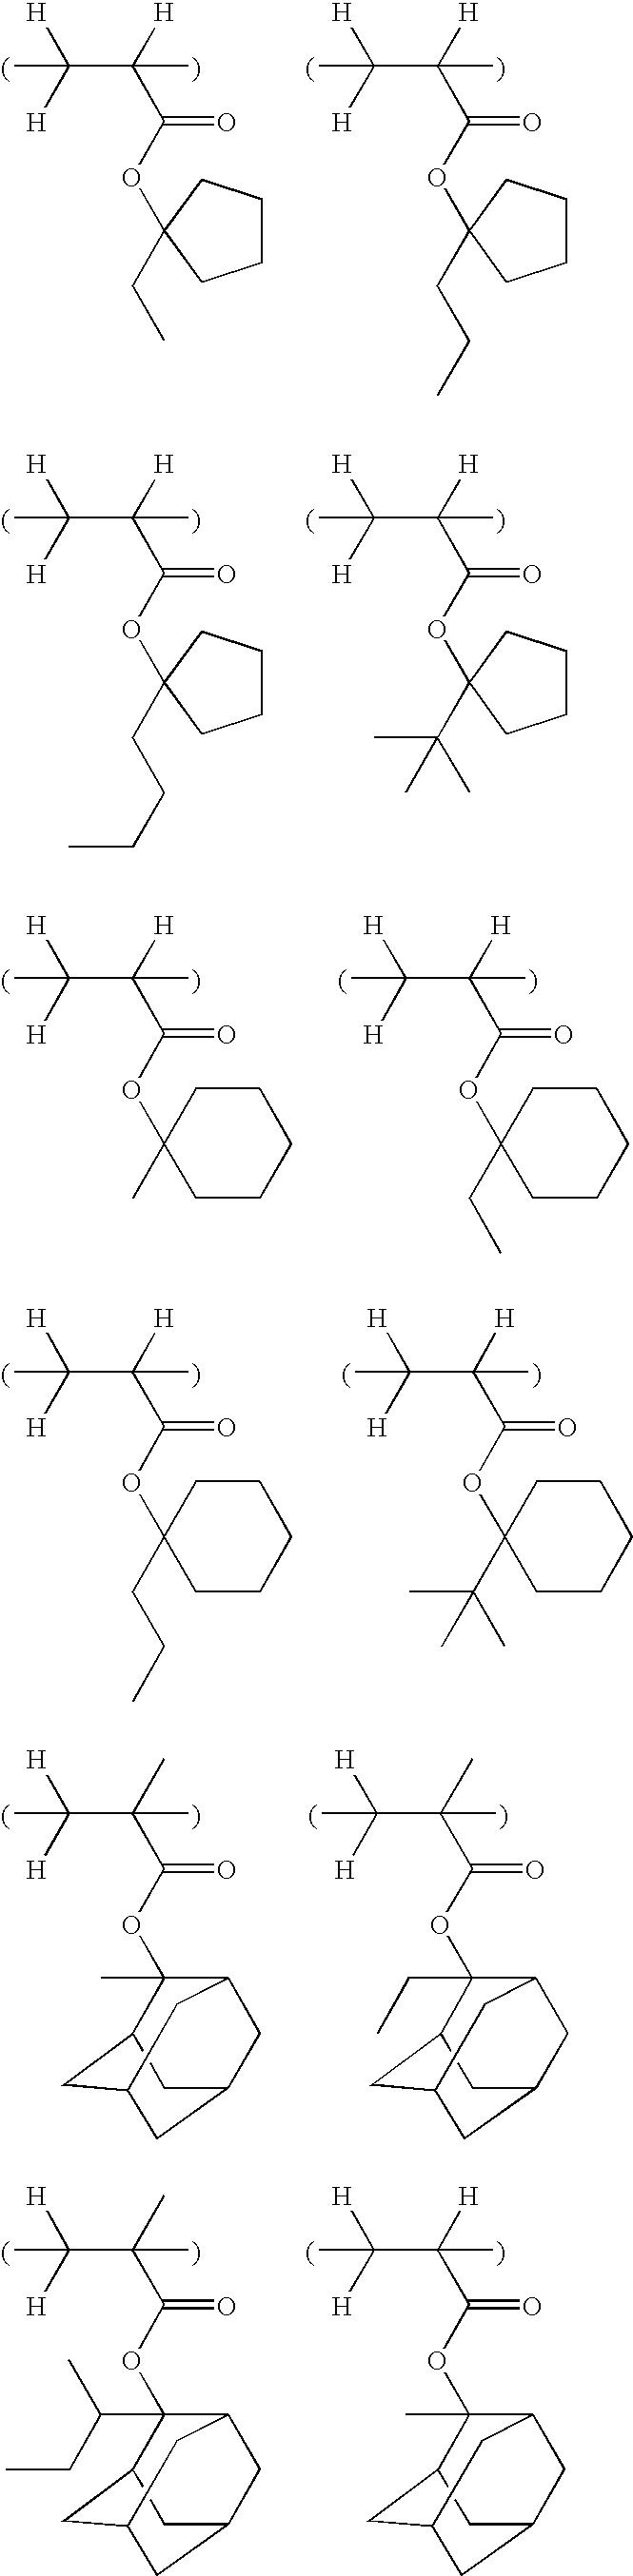 Figure US07569326-20090804-C00025